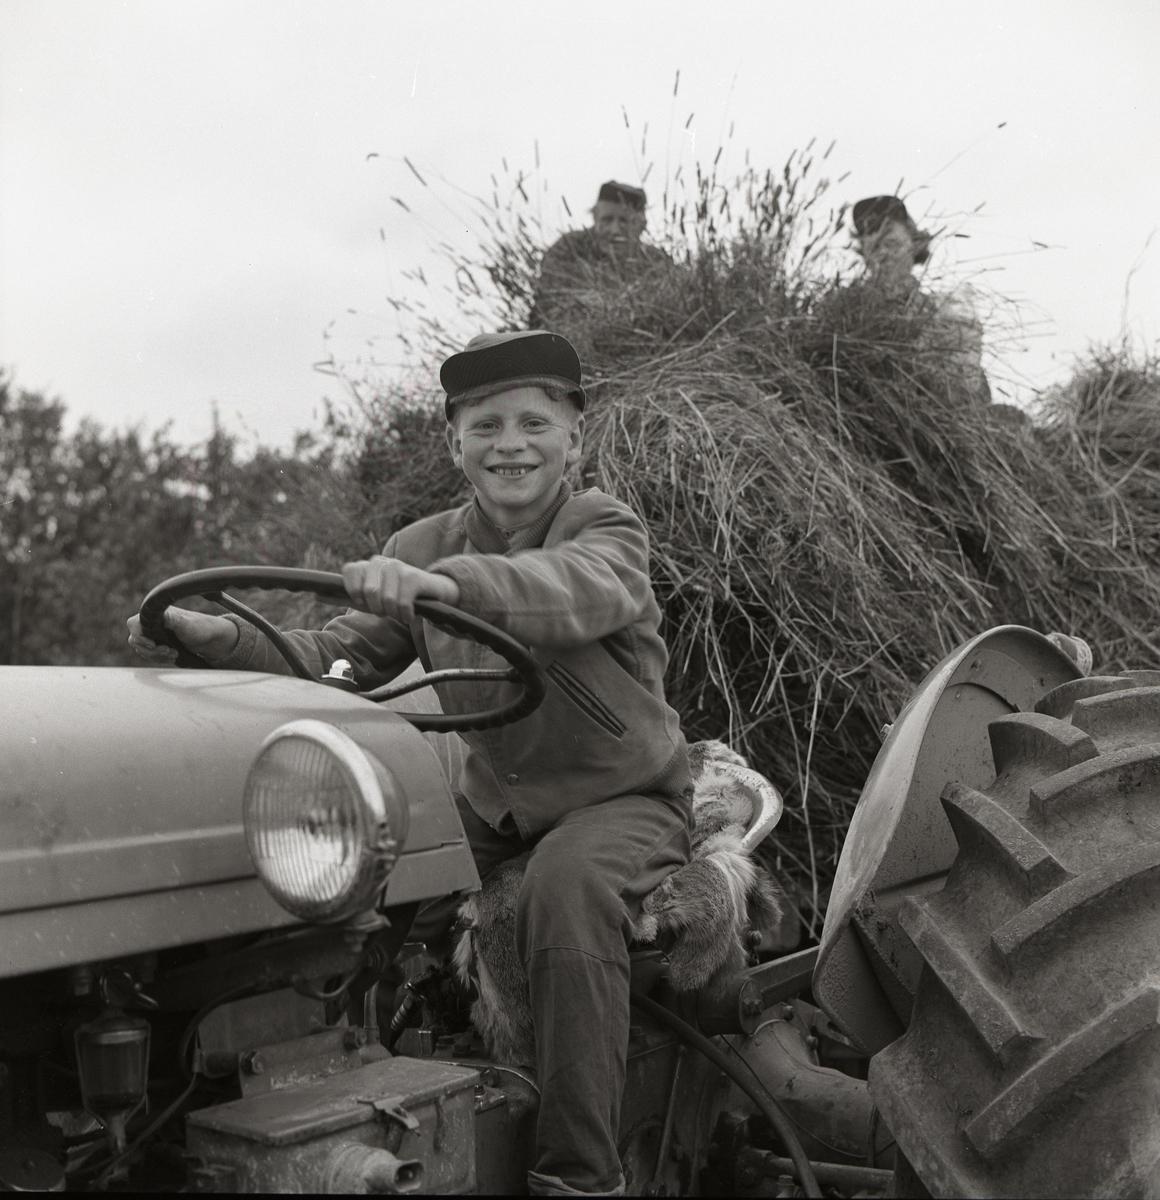 En pojke kör en traktor med ett släp som transporterar nyslagen skörd. På släpet sitter två män, augusti 1960.